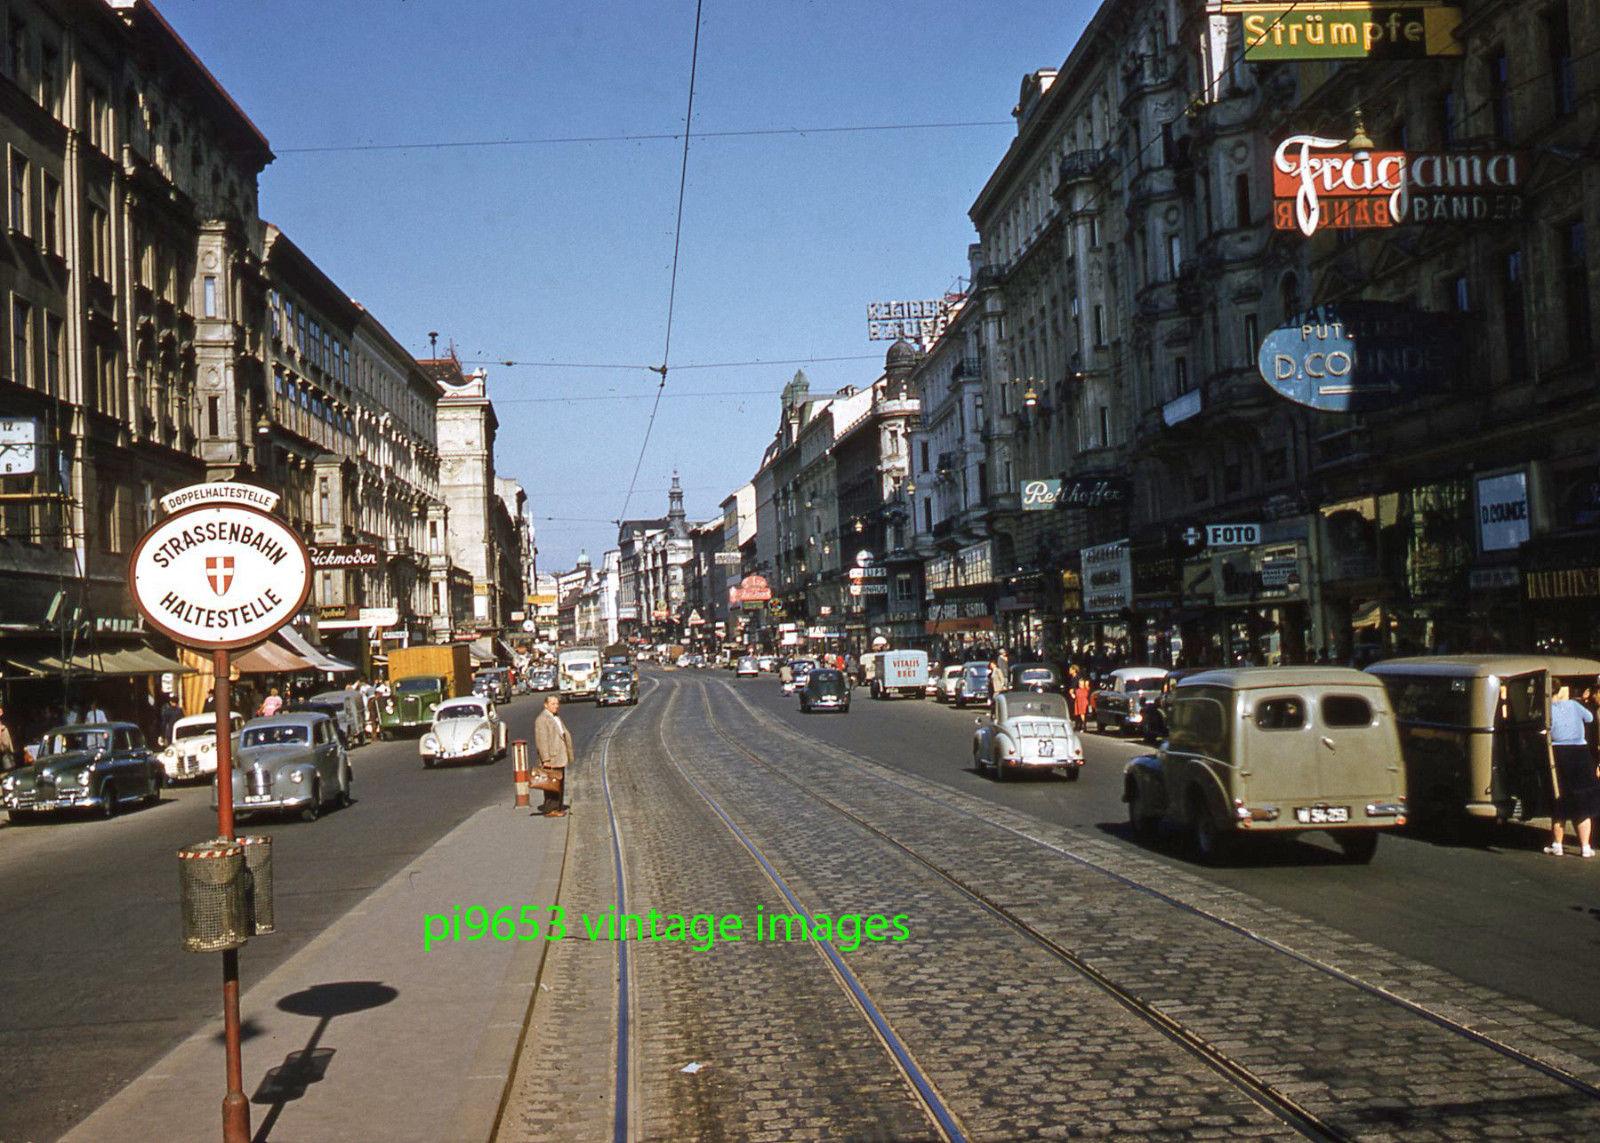 Из кодахромного наследия. Вена и Прага, 1950е